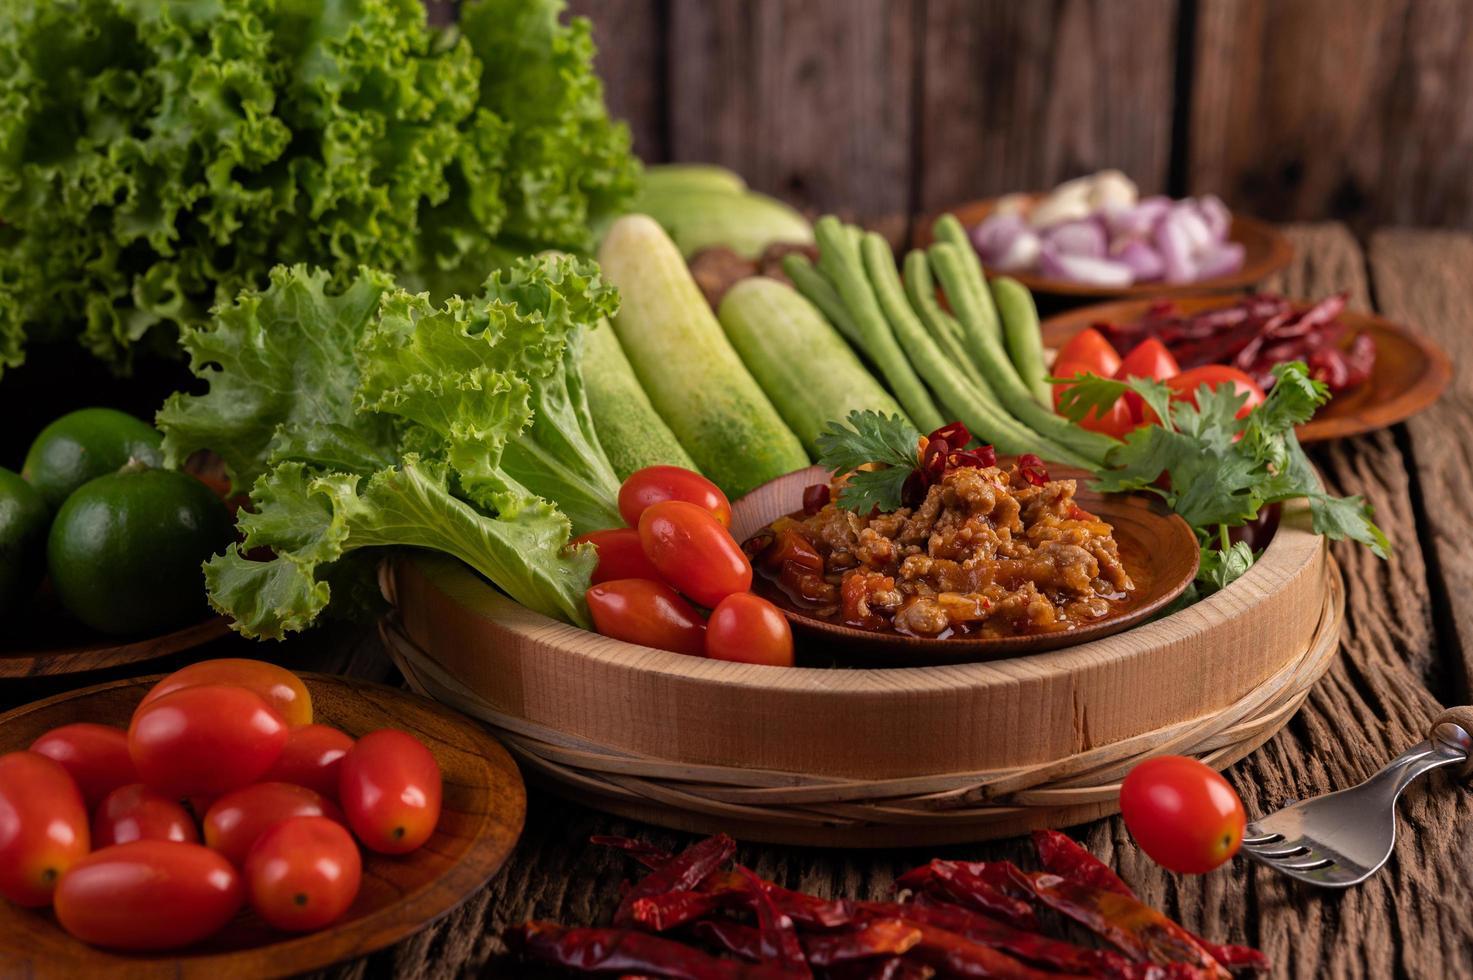 varkensvlees in een houten kom met komkommer, kousenband en bijgerechten foto